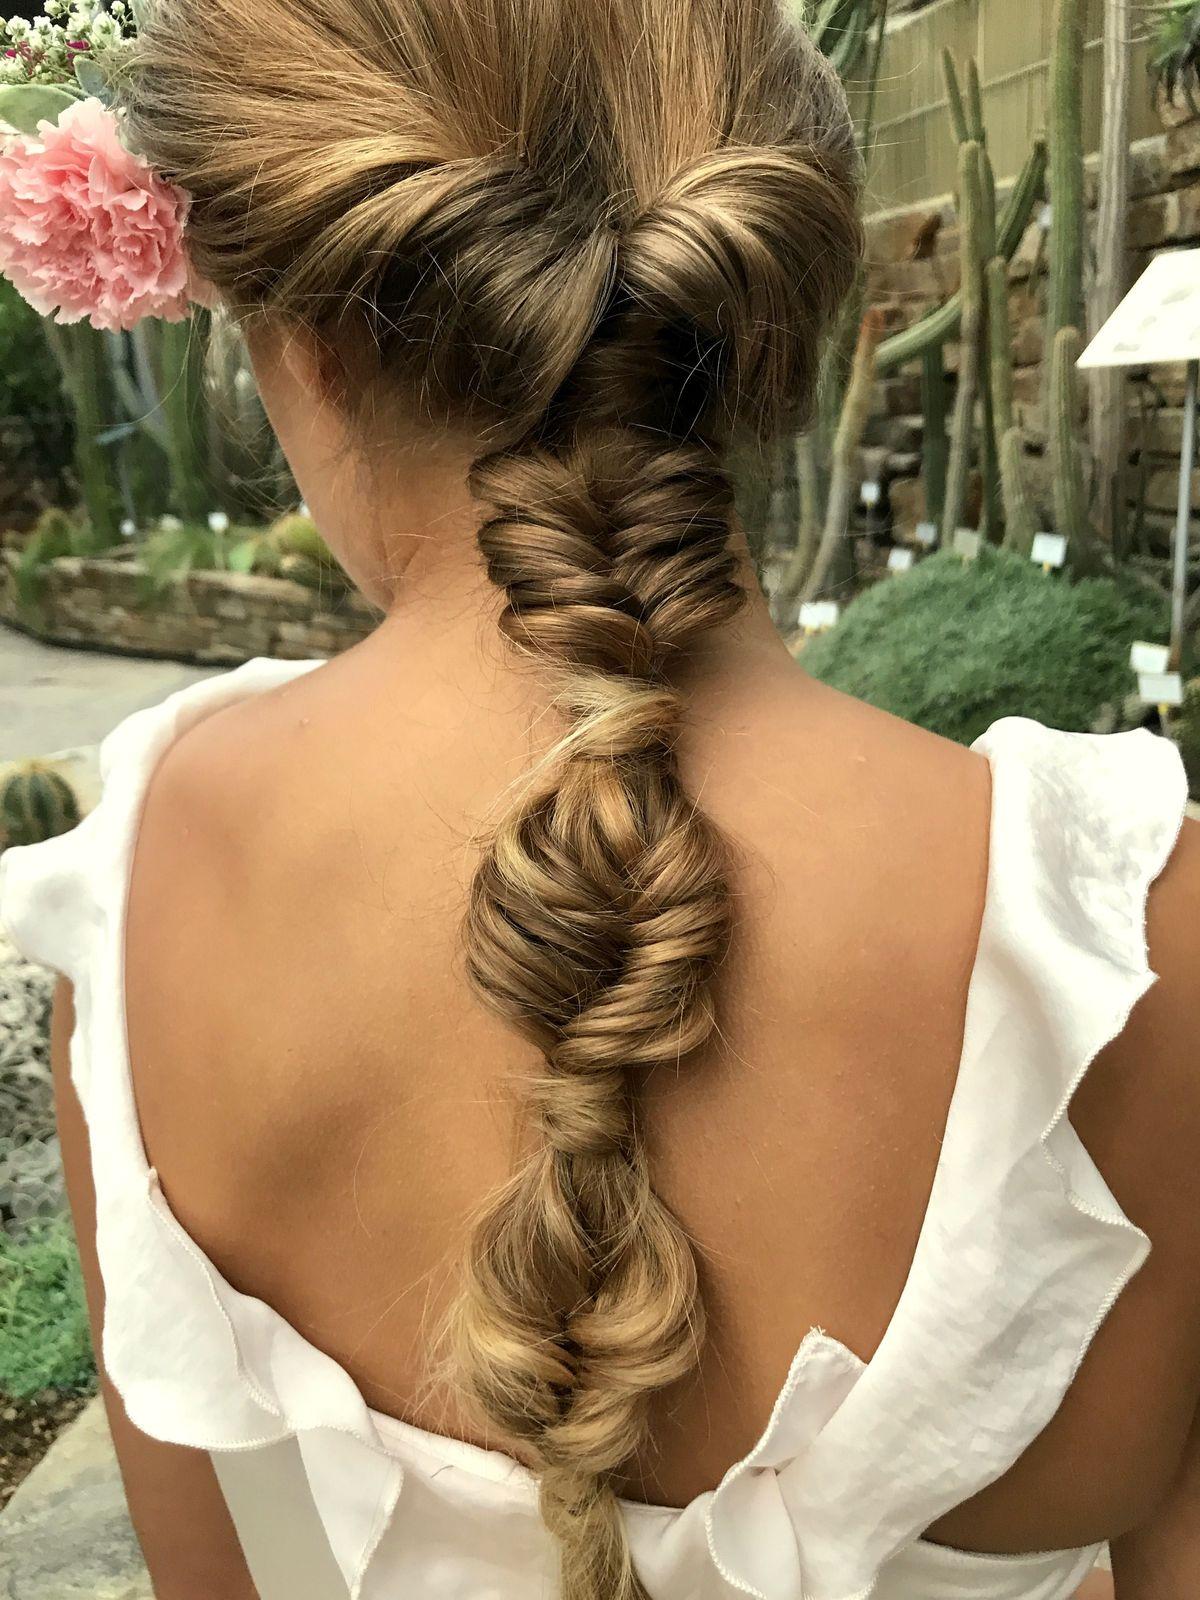 """Peinados de novia Trenzas – Si eres de esas novias que tiene pelo largo y abundante y quiere algo diferente para tu boda, hoy te proponemos peinados de novia basádos en trenzas….<p><a href=""""http://www.homeinteriordesign.org/2018/02/short-guide-to-interior-decoration.html"""">Short guide to interior decoration</a></p>"""